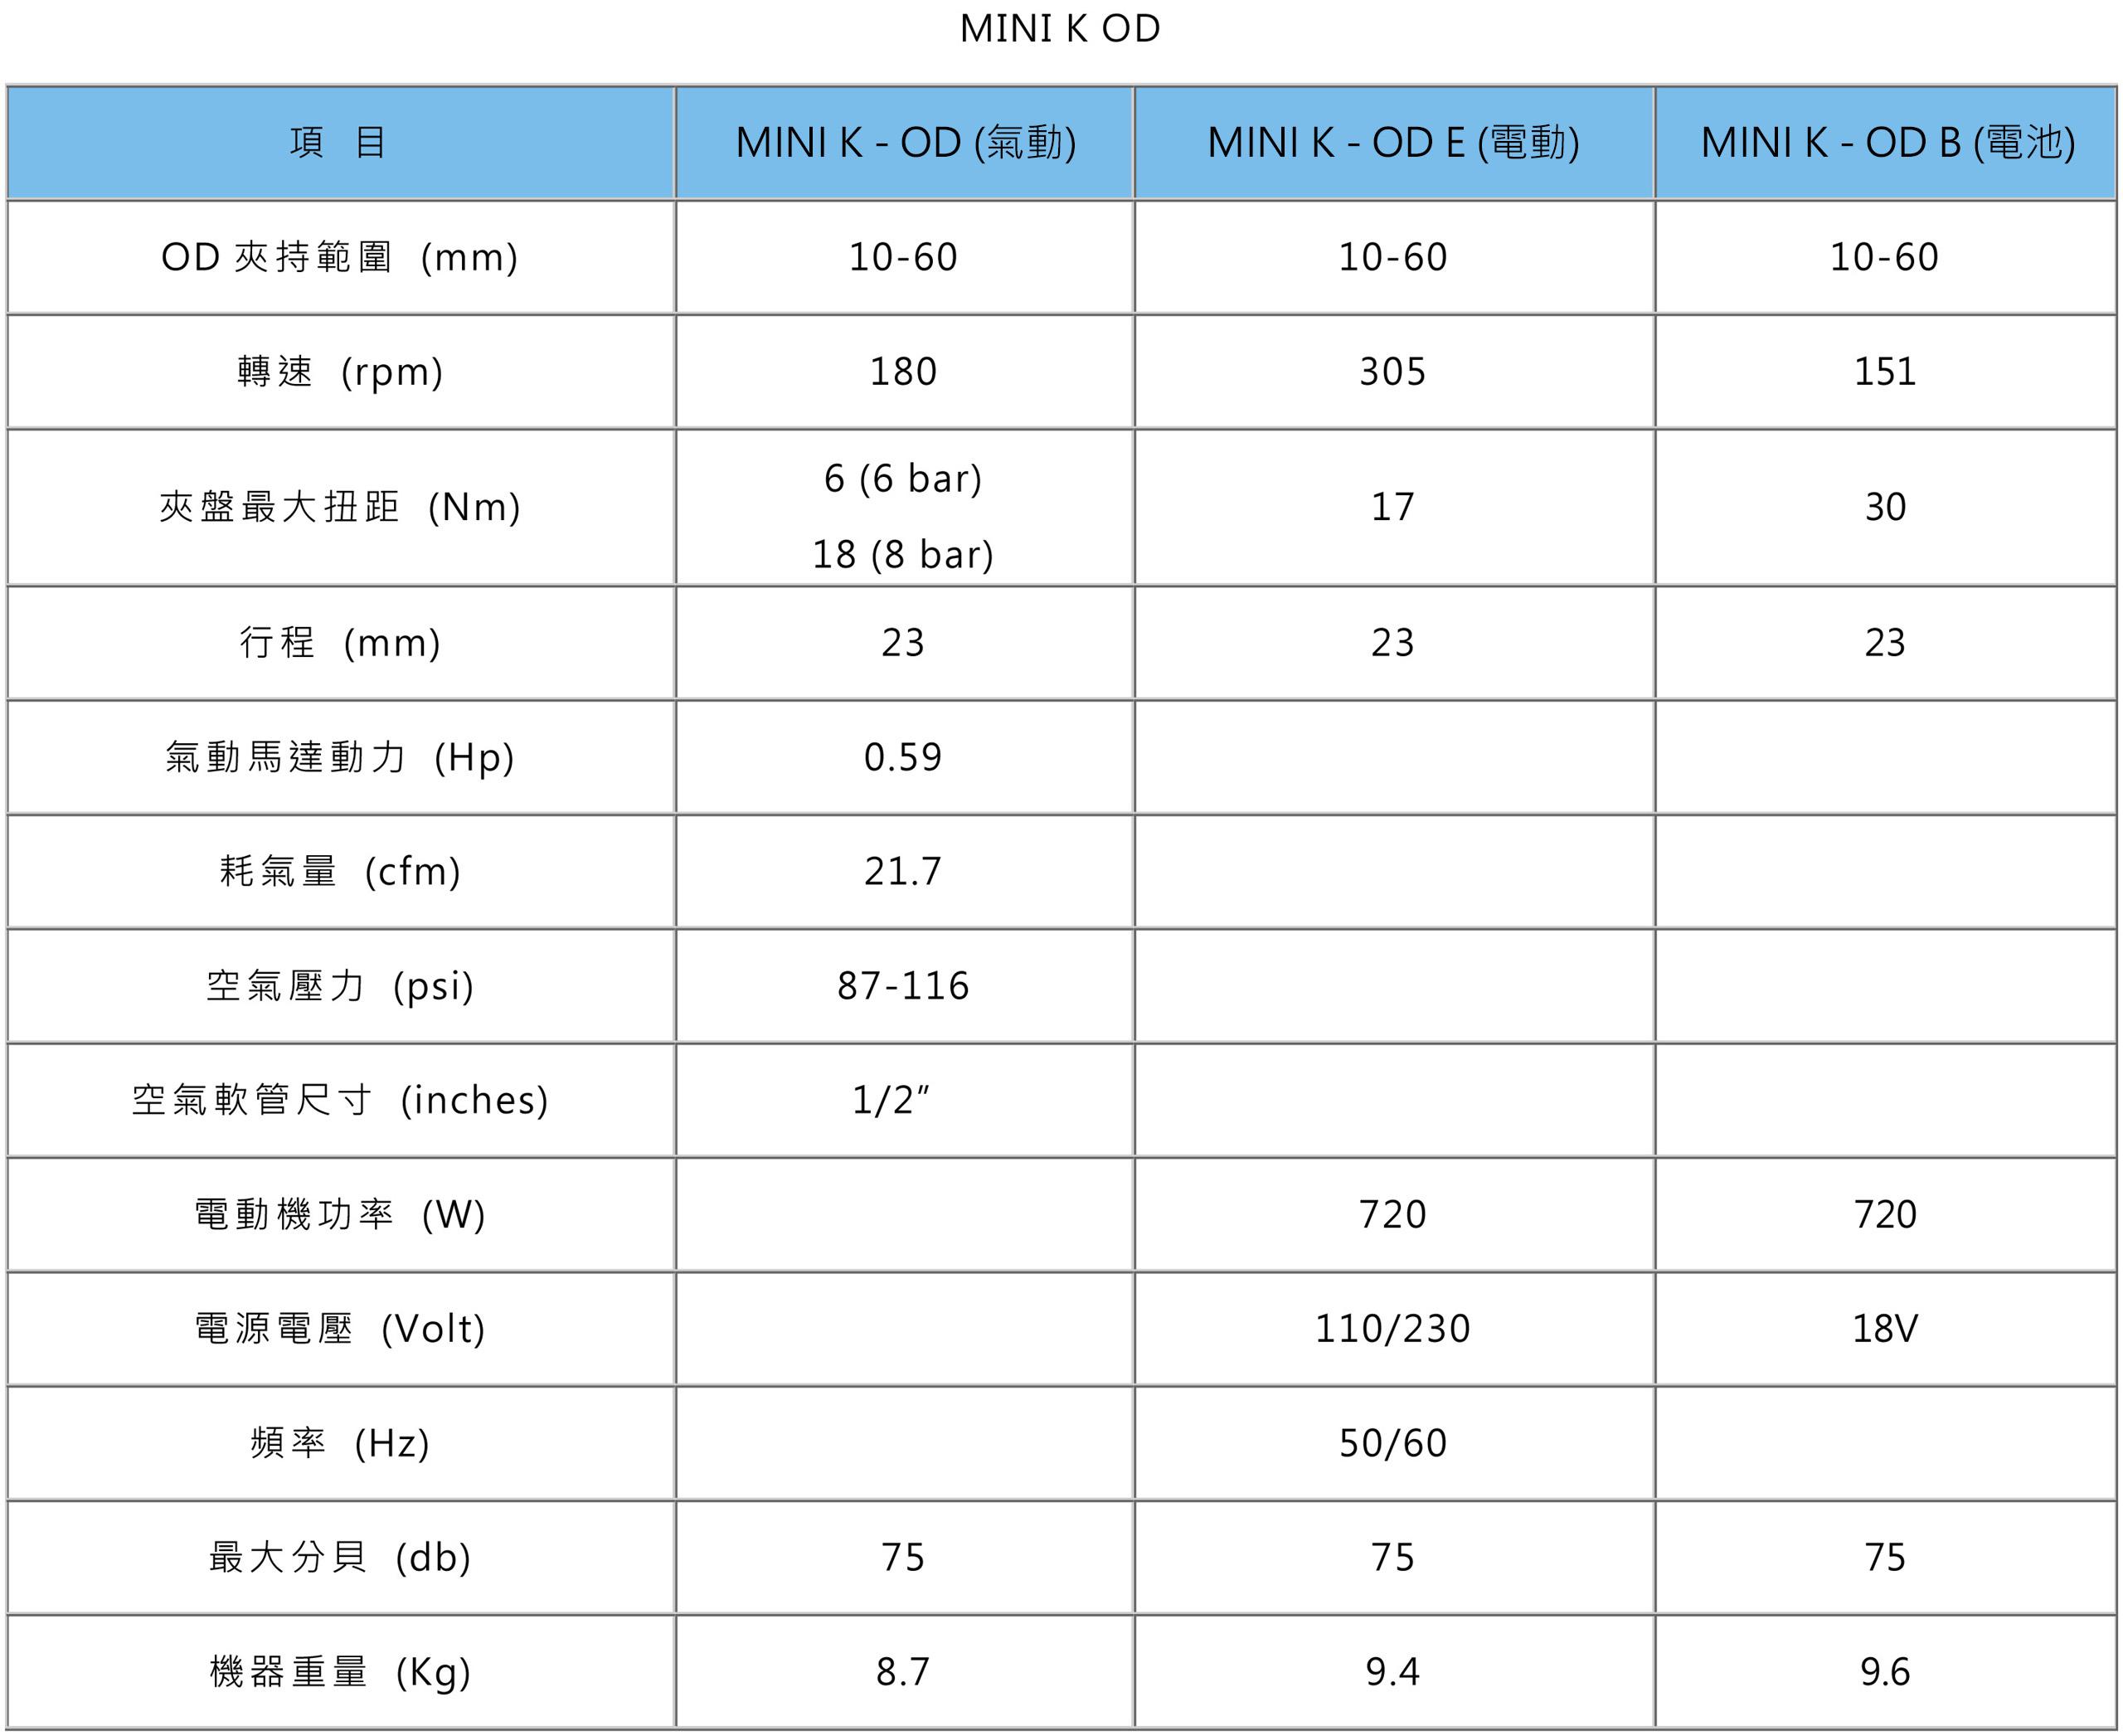 MINI K OD規格表